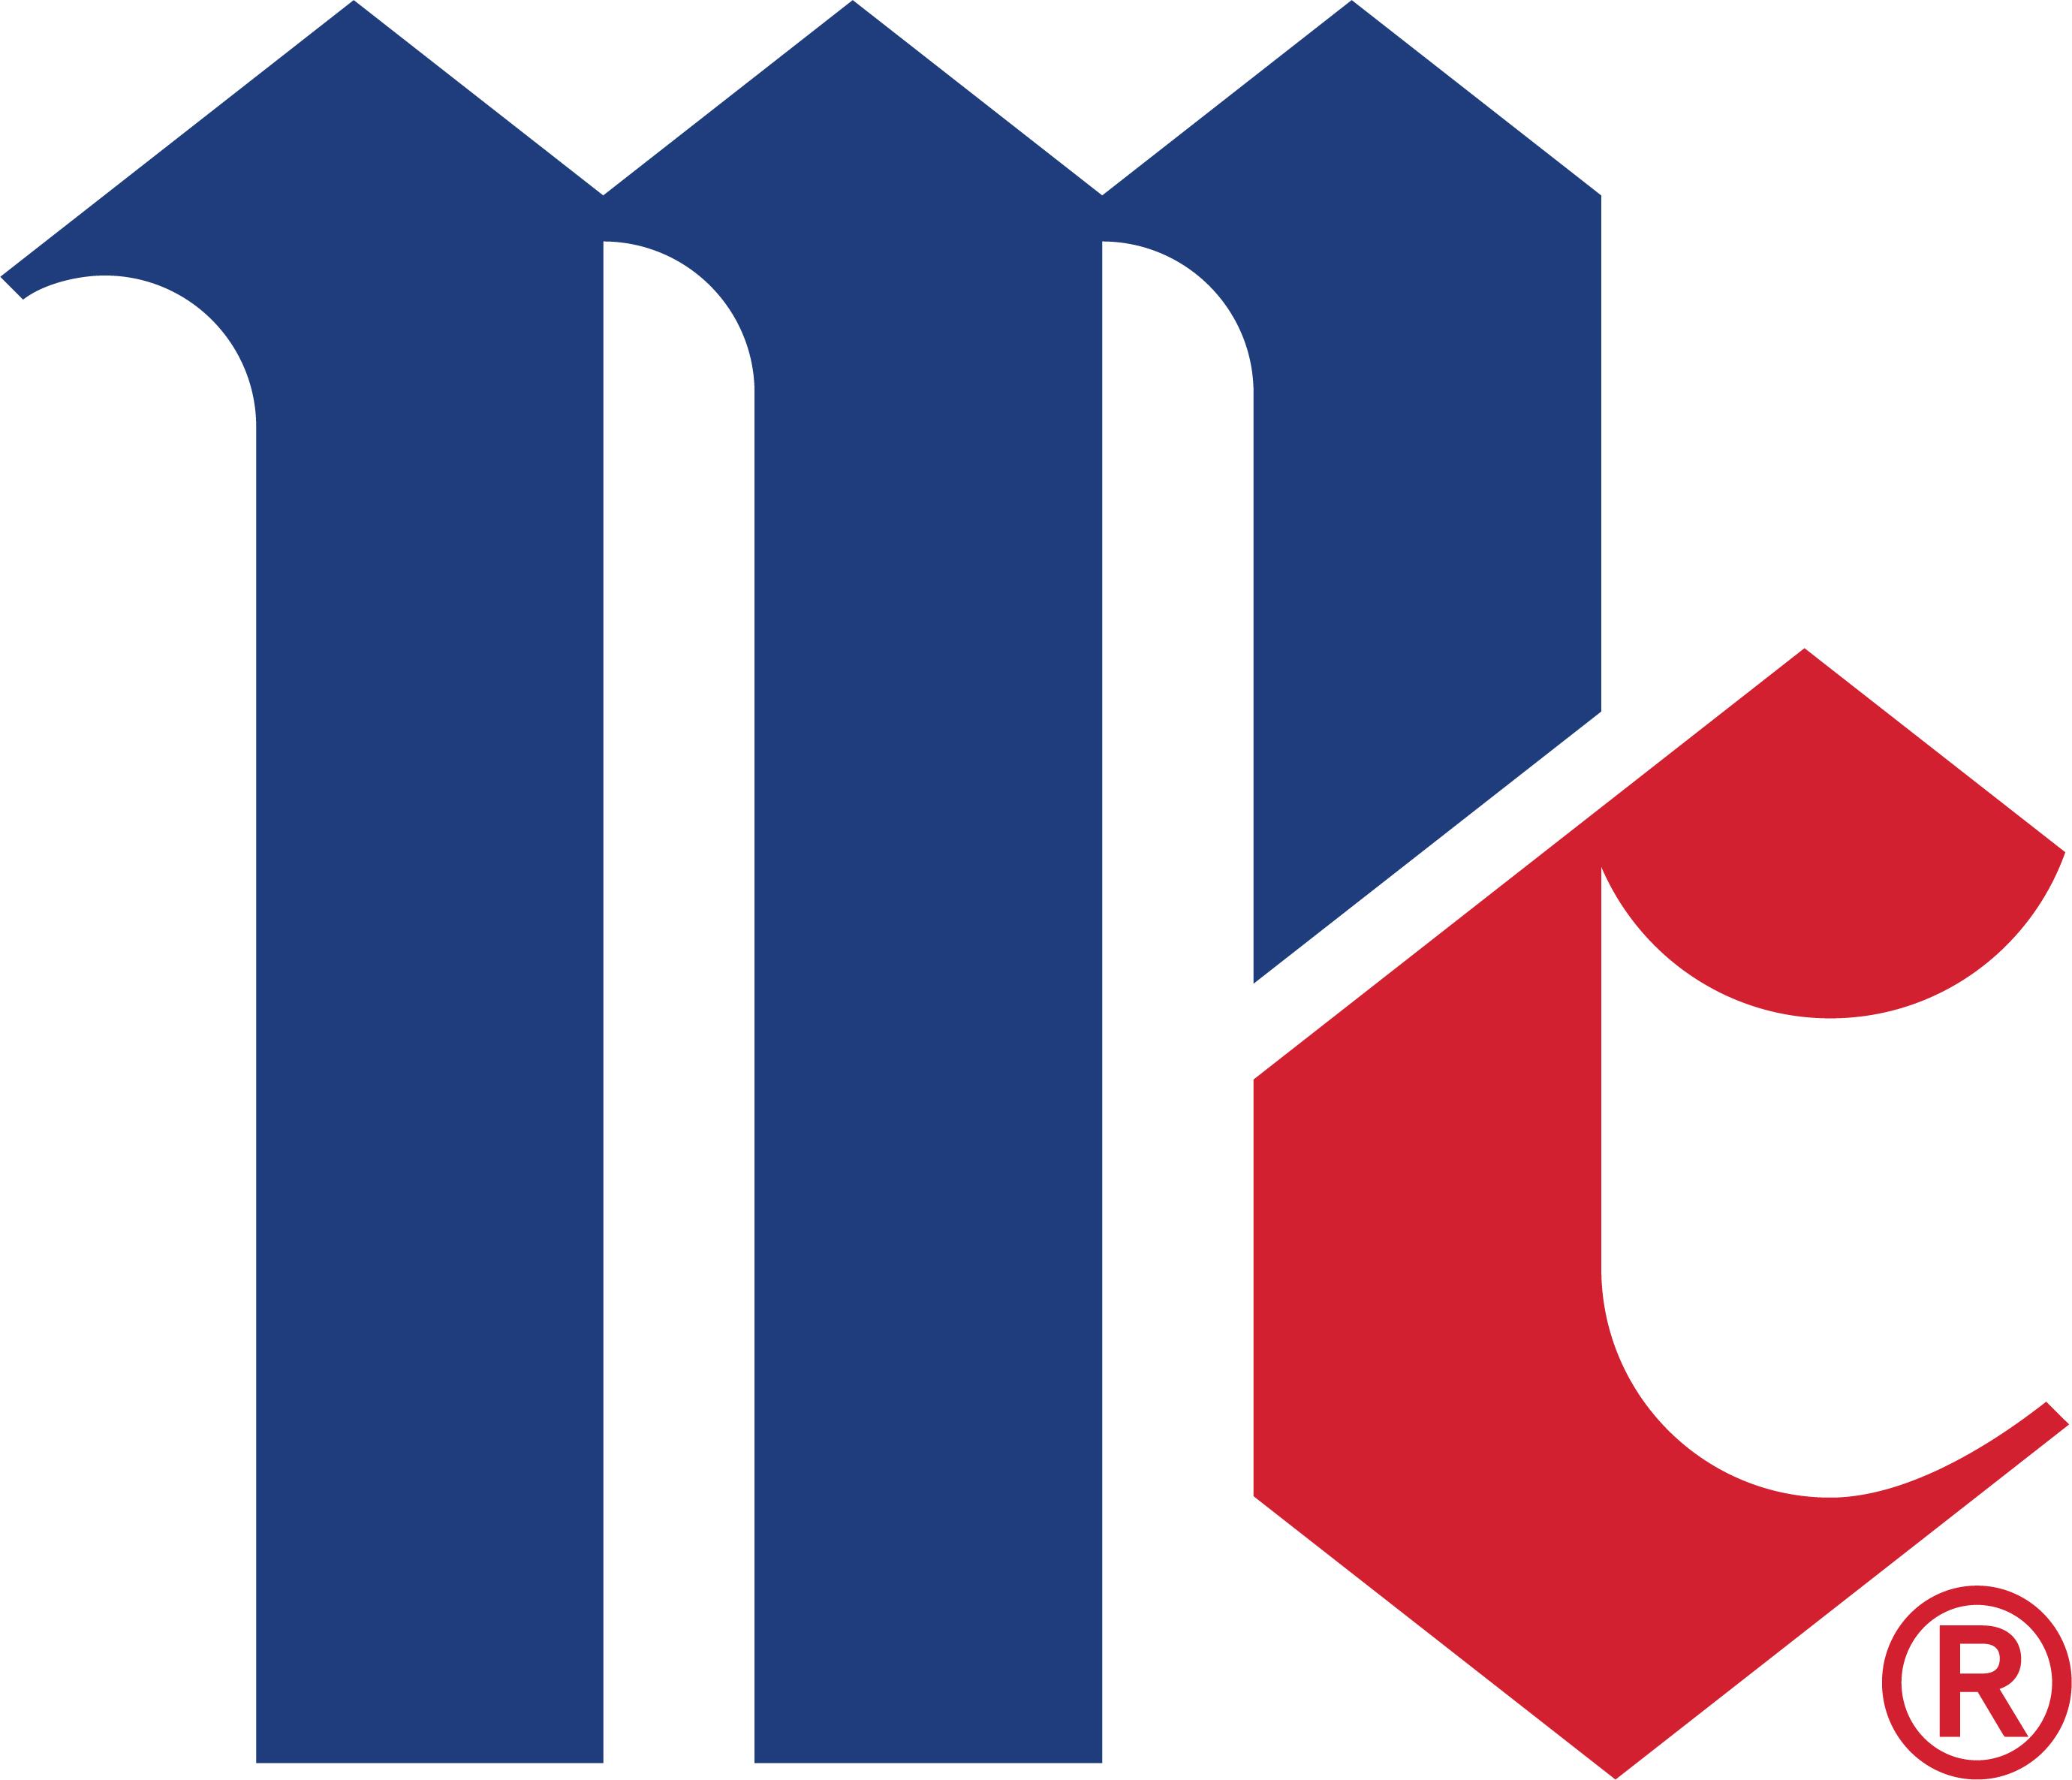 File:MCC Primary.